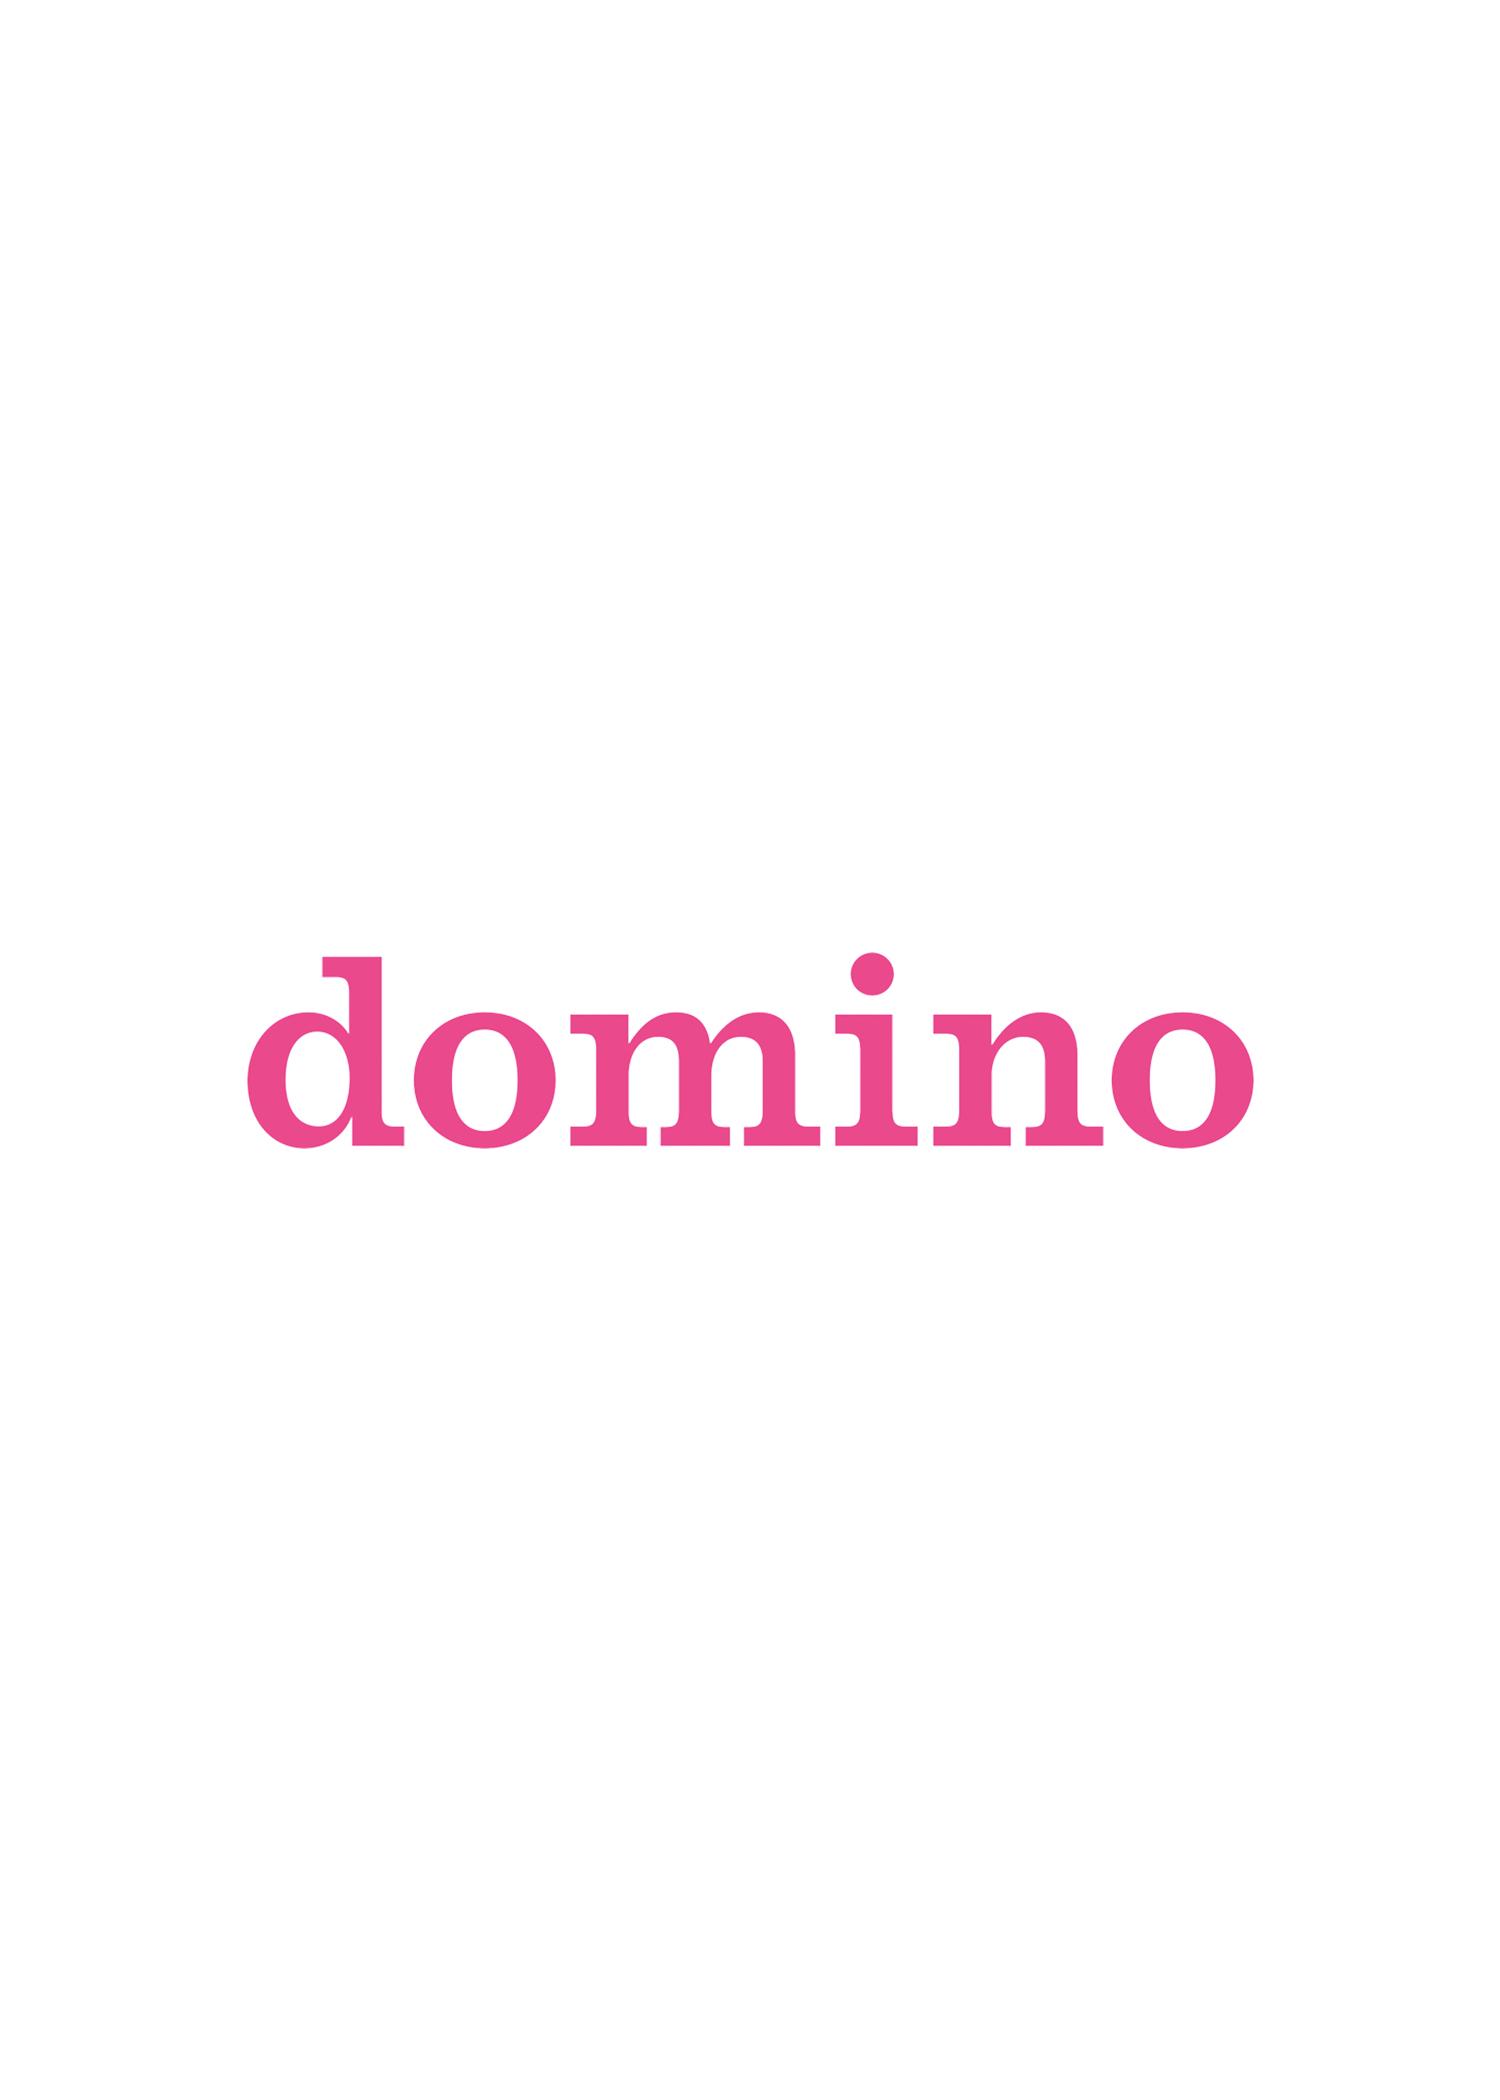 DominoLogo.jpg